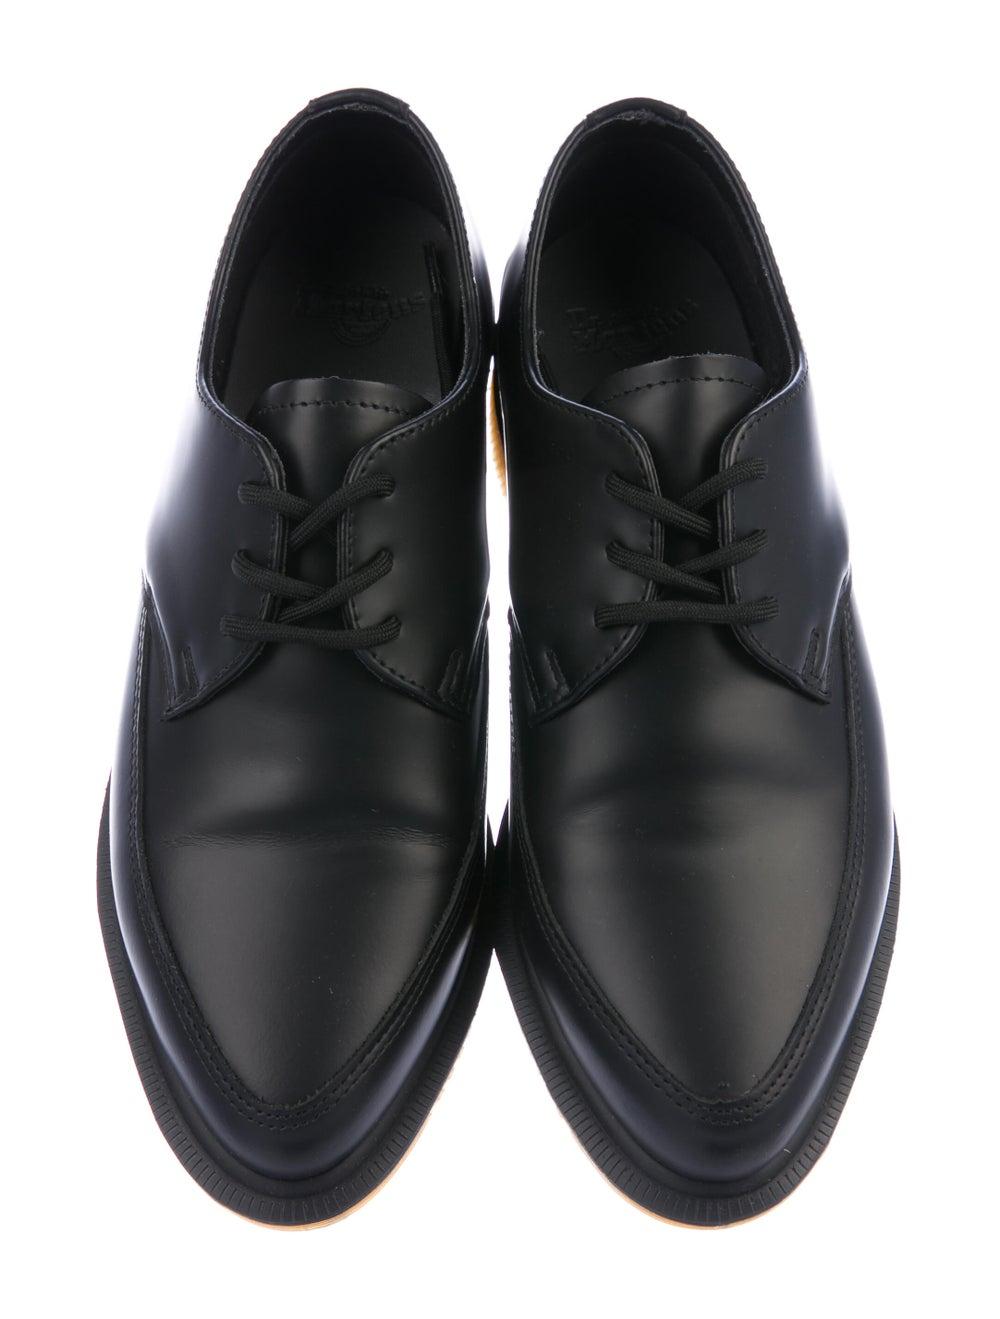 Dr. Martens Willis Derby Shoes black - image 3